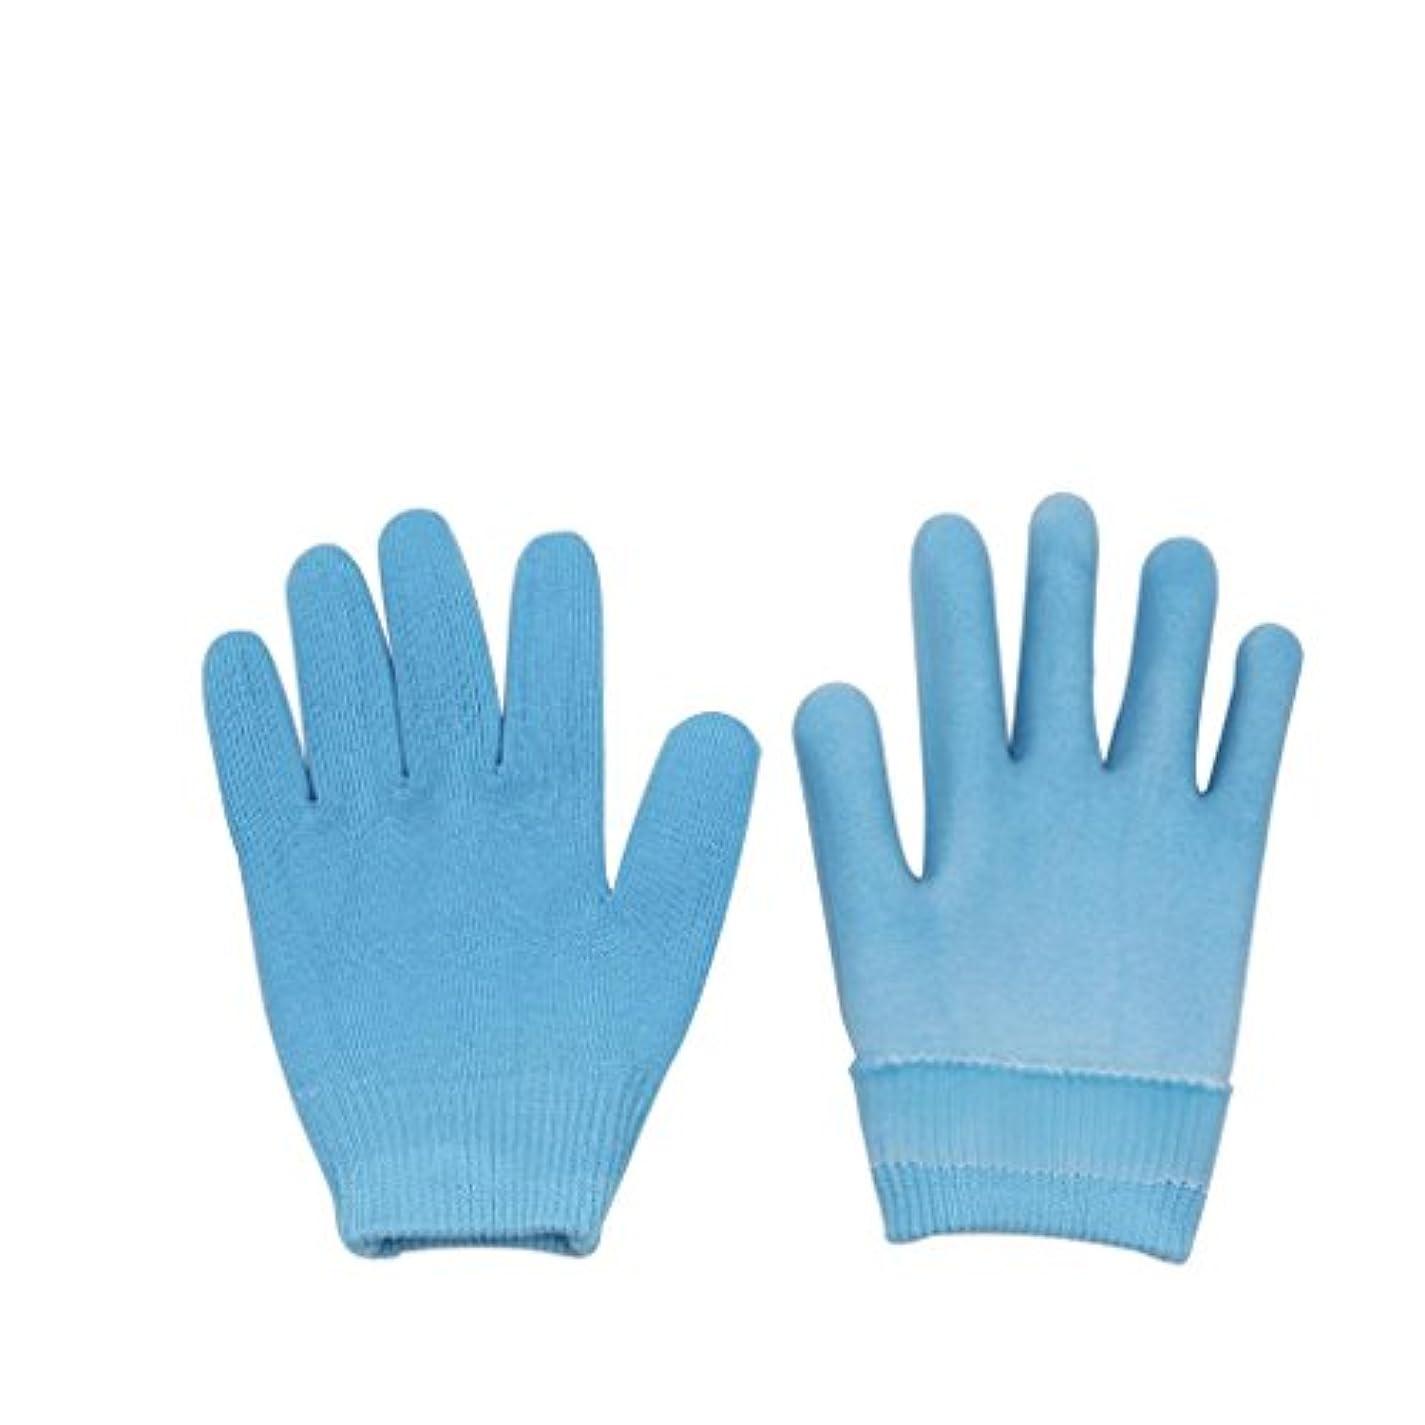 チョーク週末濃度Lovoski 保湿手袋 おやすみ手袋 手袋 手湿疹 乾燥防止 手荒れ 保湿 スキンケア  メンズ レディース 全3色選べ - ブルー